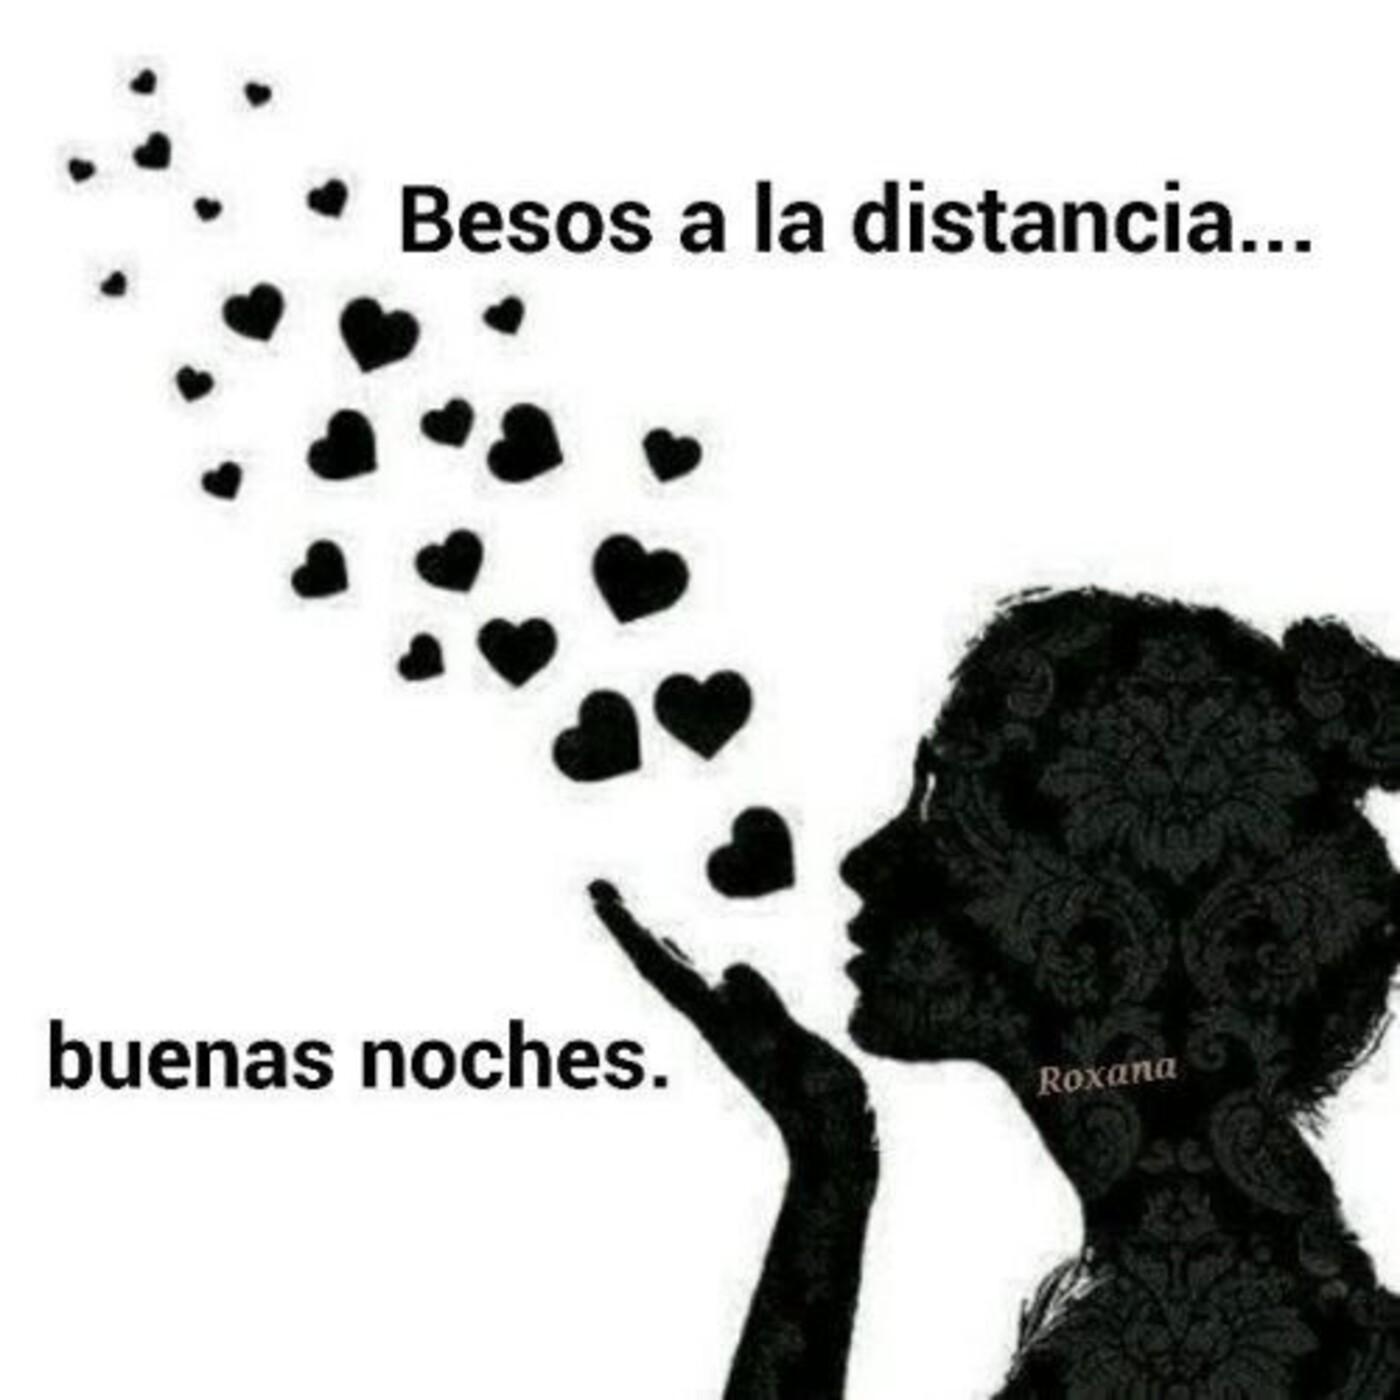 Besos a la distancia...buenas noches